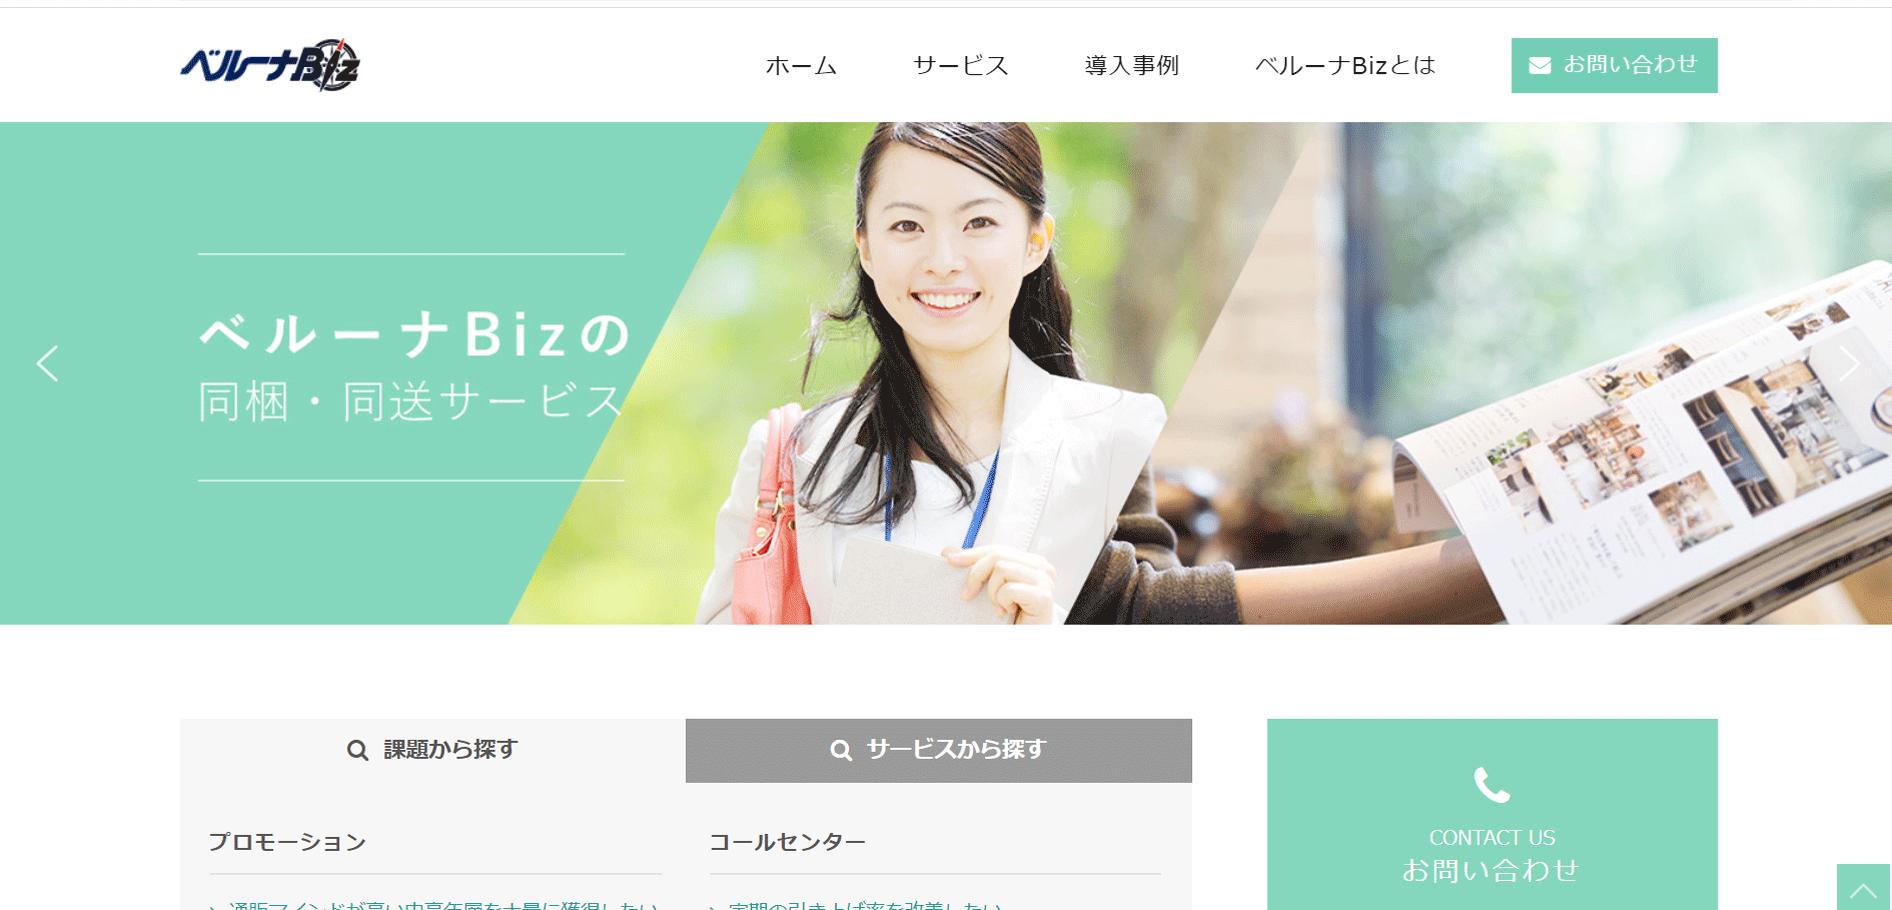 株式会社ベルーナ「ベルーナBiz」のスクリーンショット-min